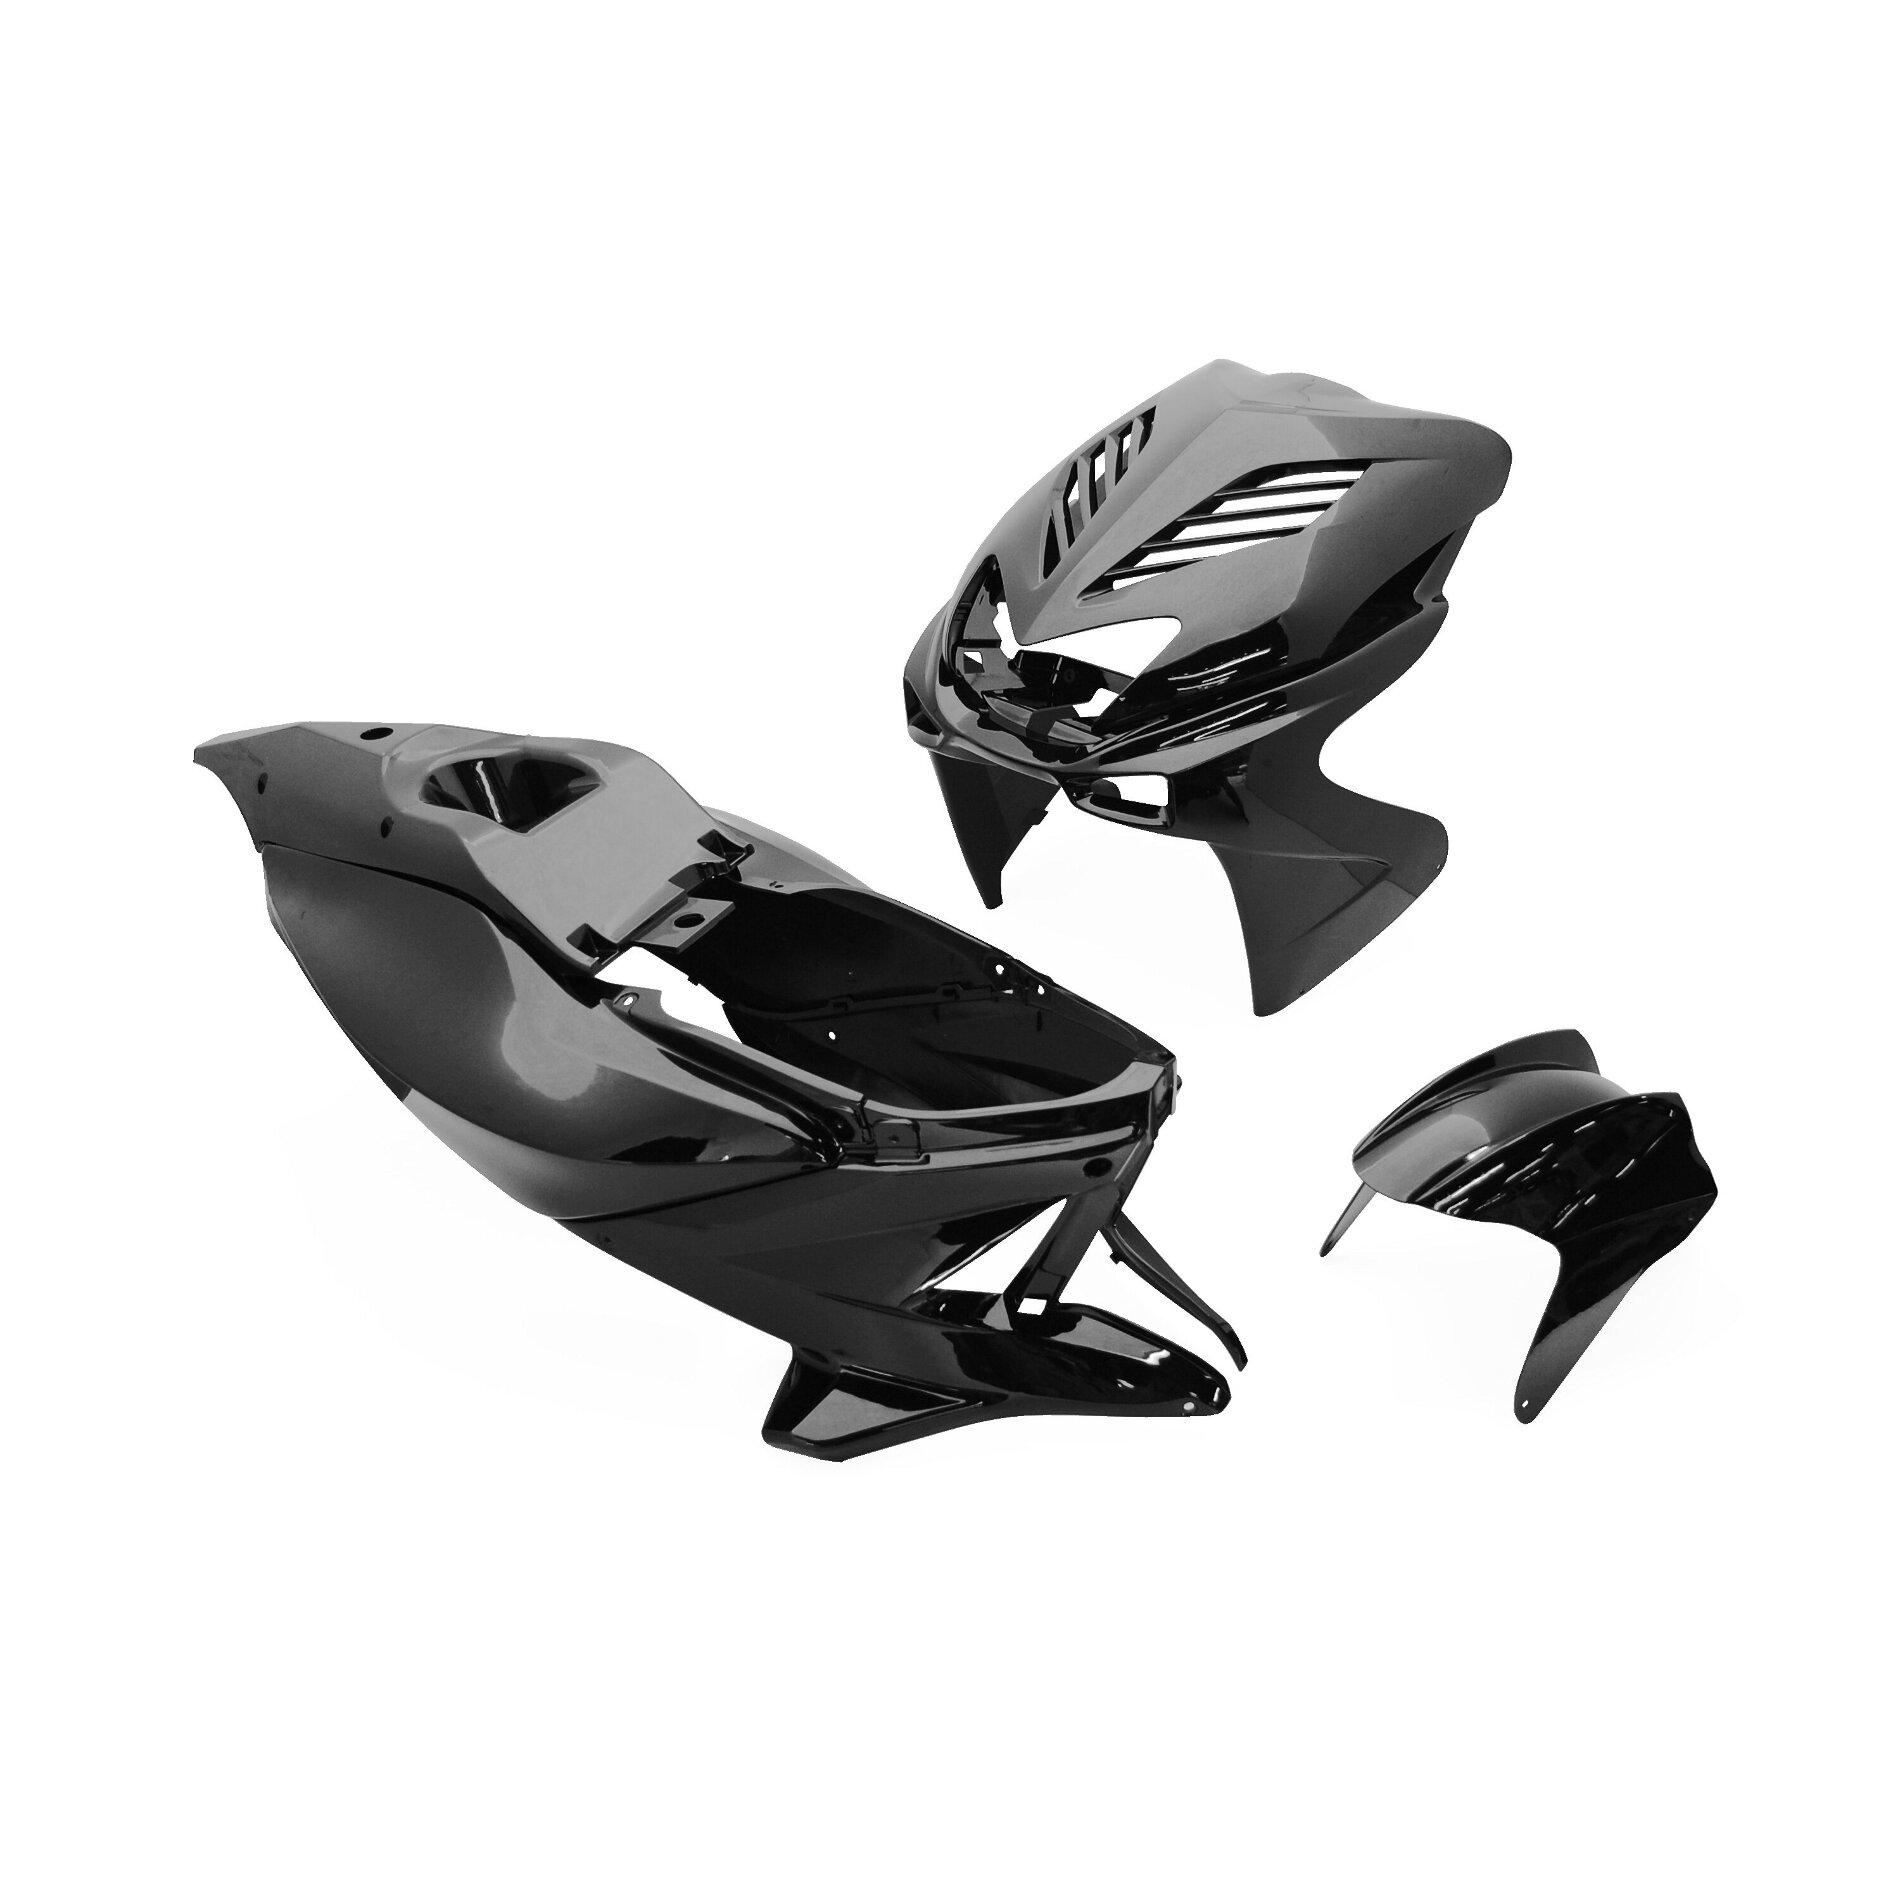 Kit carrosserie Replay design 8 pièces noir pour Nitro/Aerox